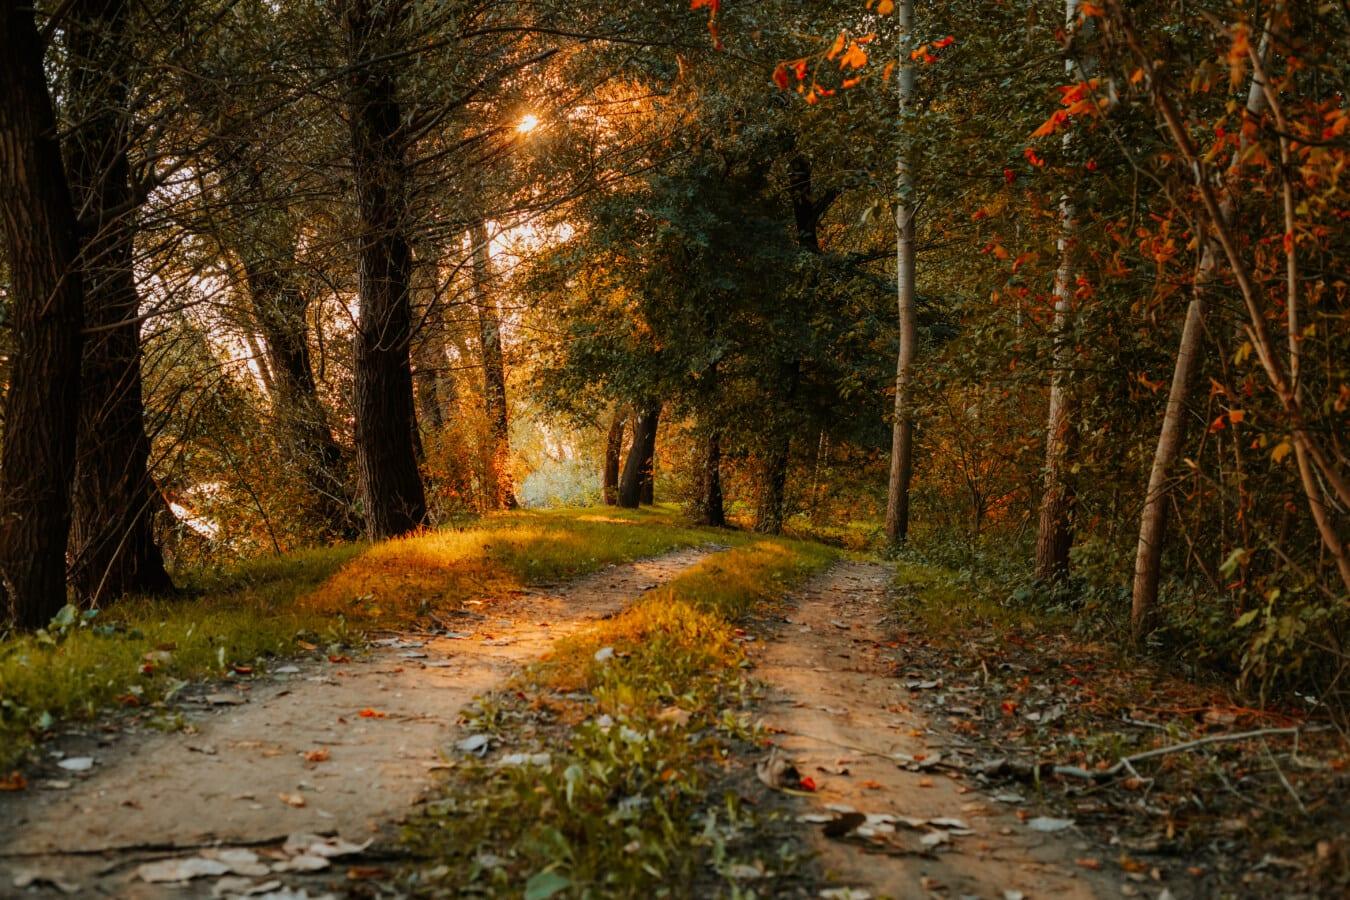 görkemli, orman yolu, yapraklara, güzel fotoğraf, manzara, yol, park, orman, yaprak, ağaç